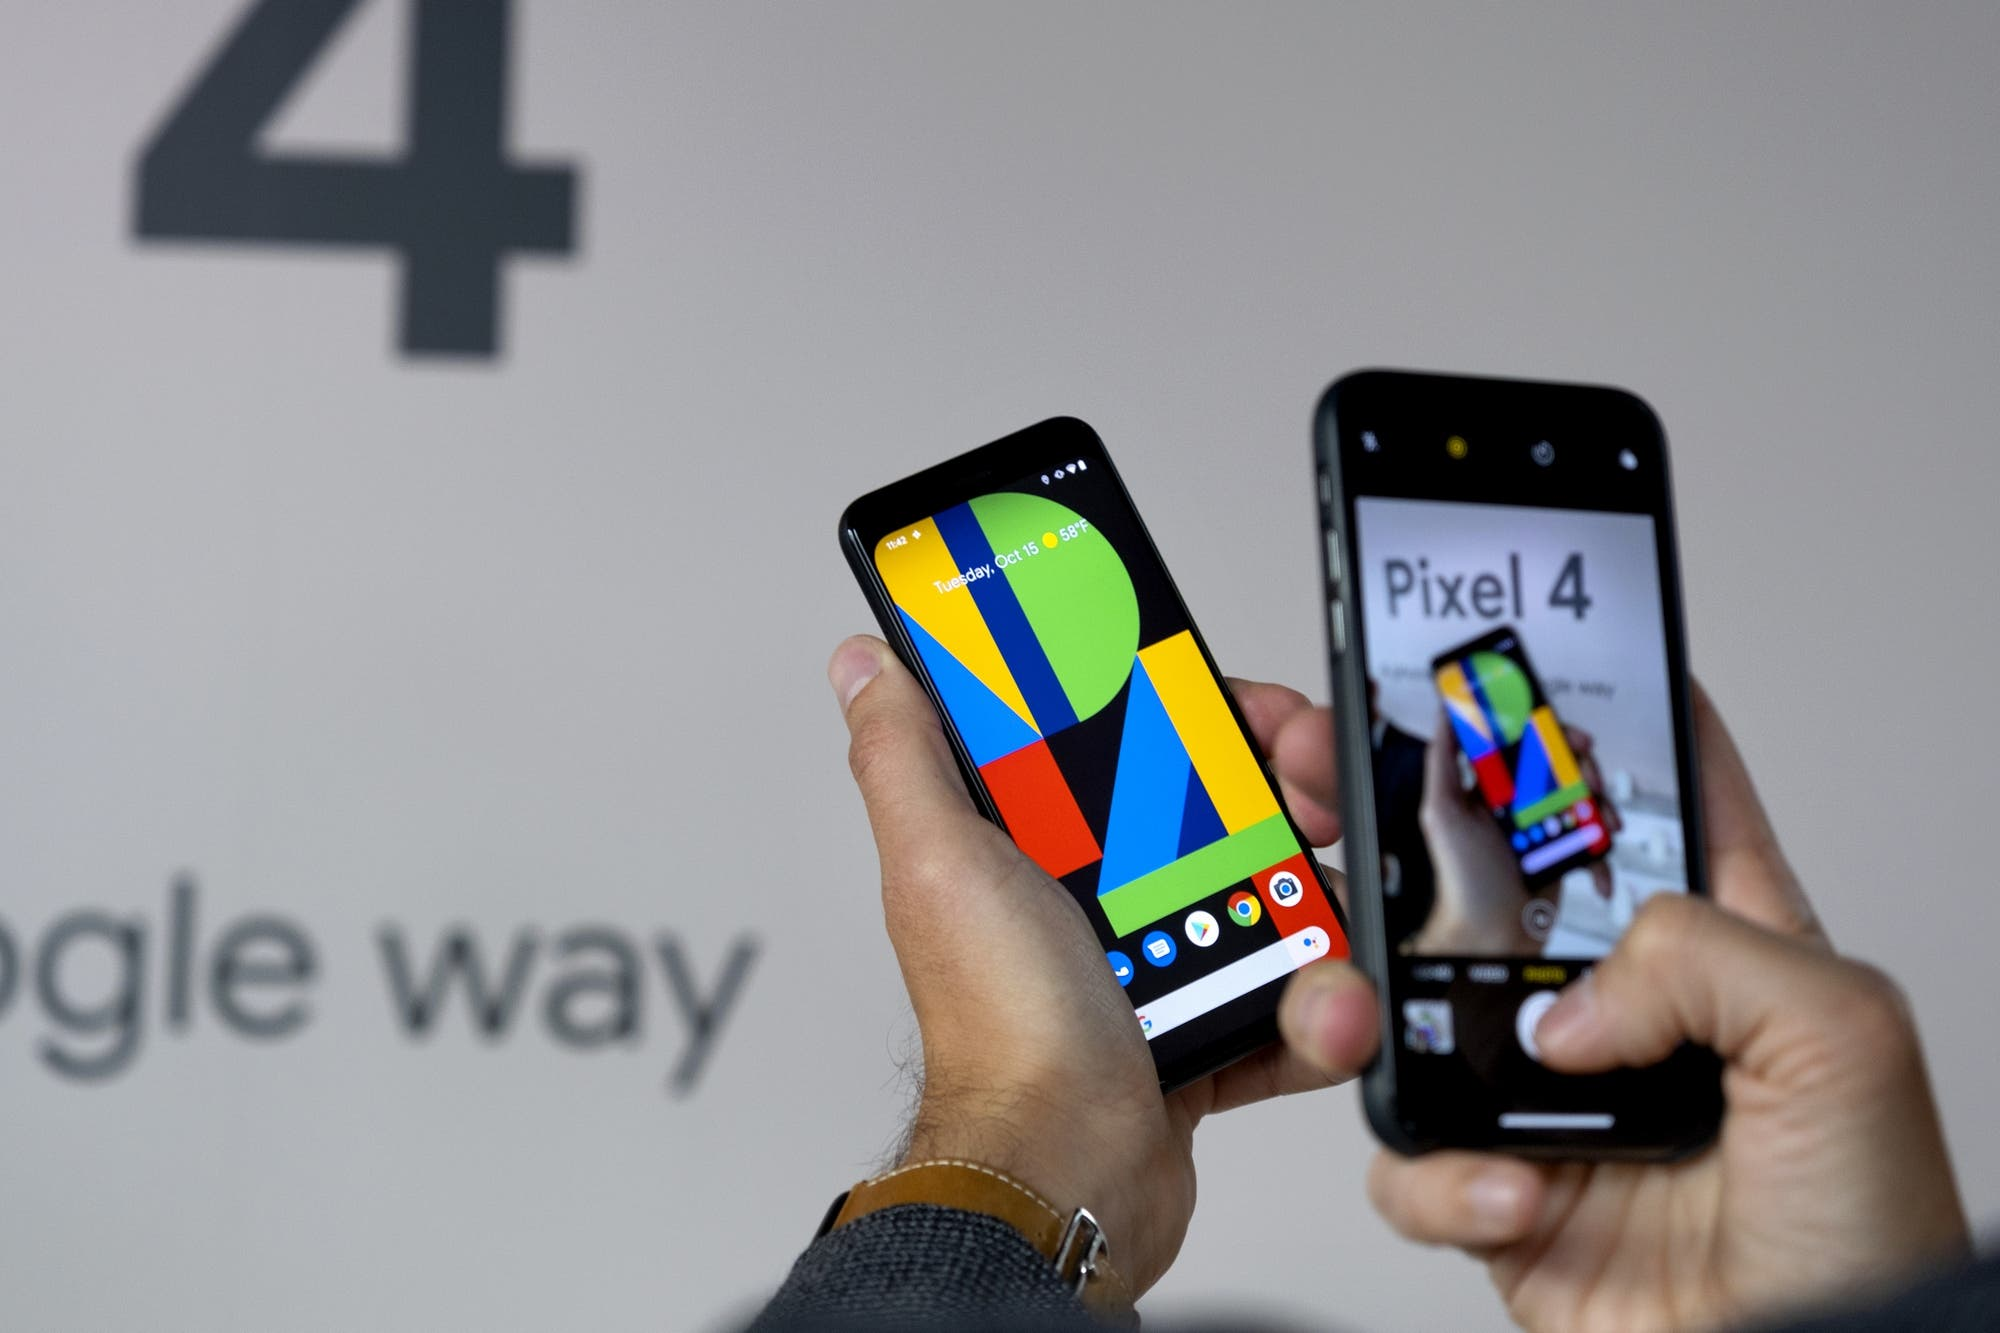 Pixel 4: comparamos el nuevo smartphone de Google con el iPhone 11 de Apple y el Galaxy Note 10 de Samsung